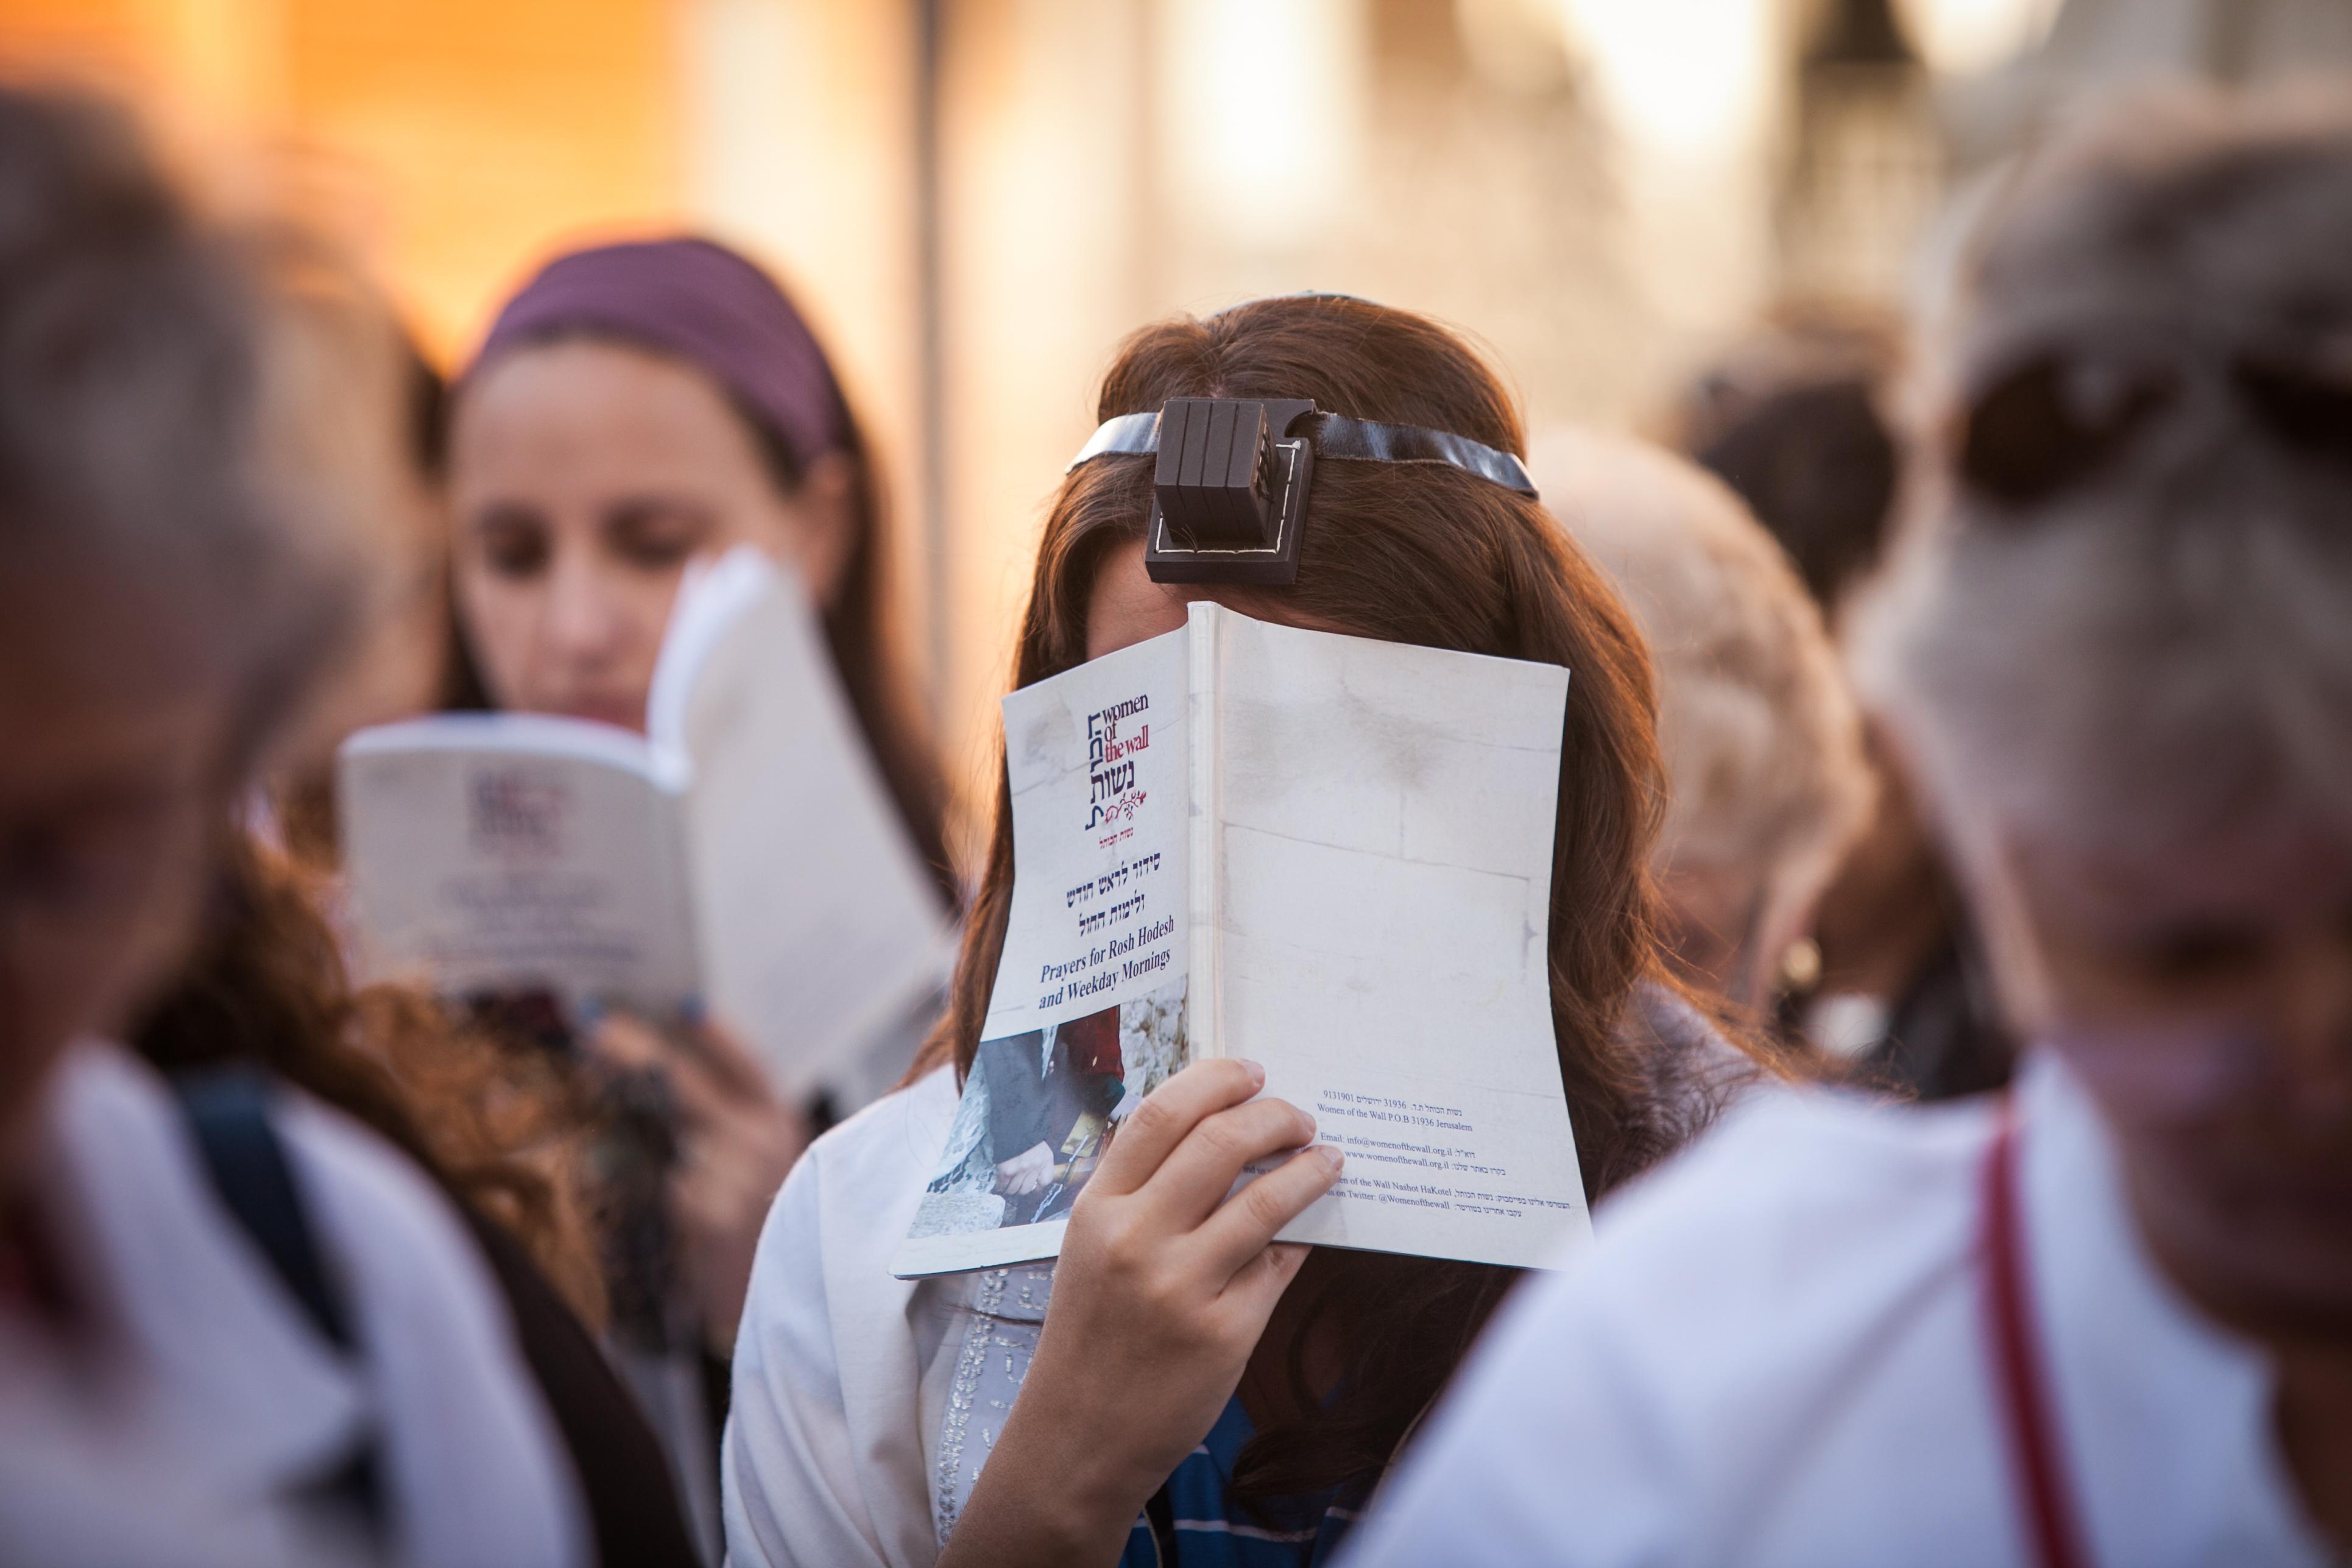 אשה עם תפילין וסידור נשות הכותל מתפללת